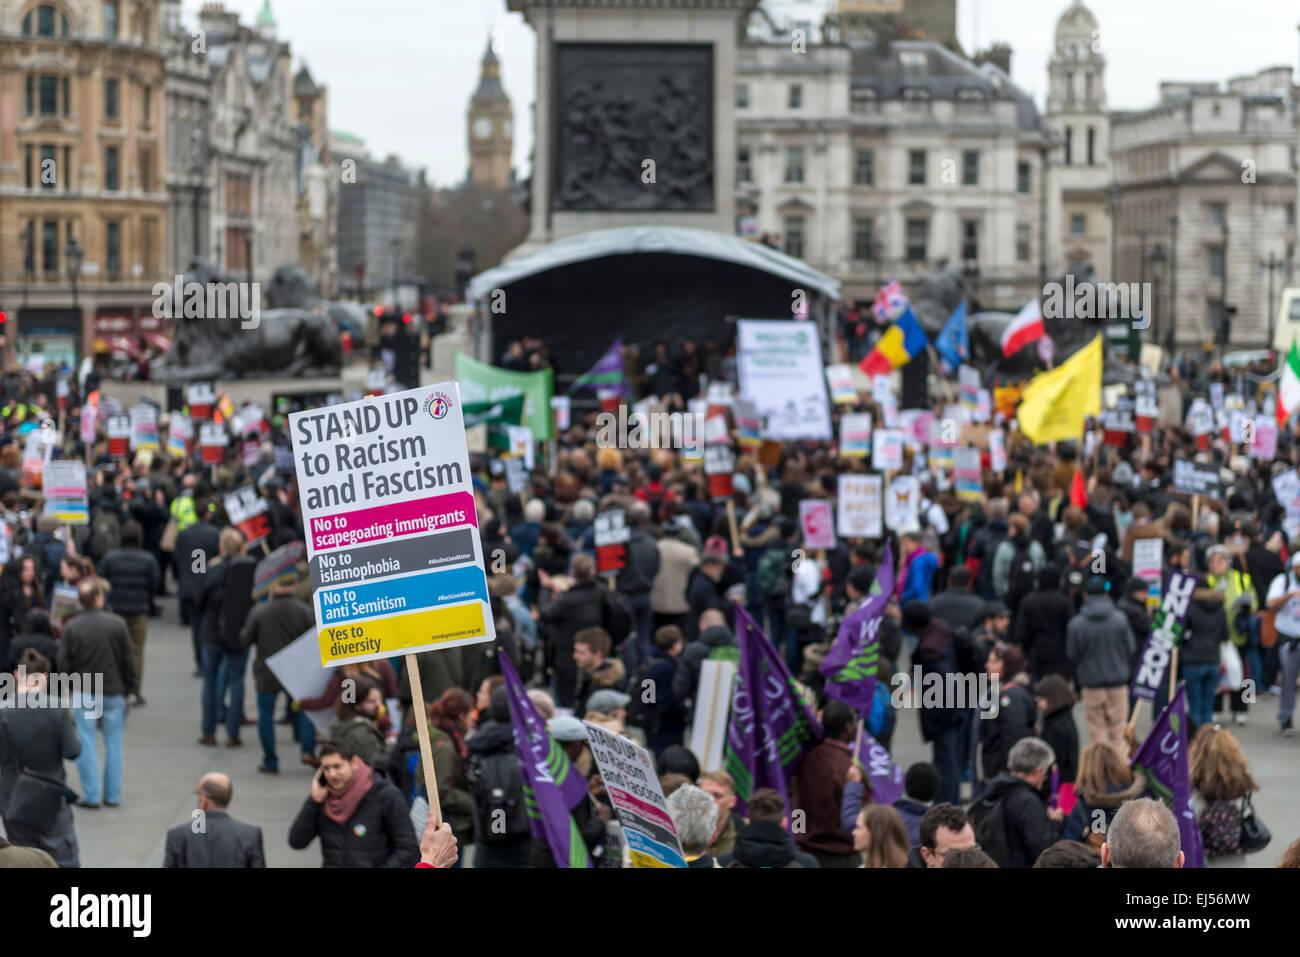 Londres, 21 mars 2015 des manifestants anti-racisme se rassembler à Trafalgar Square pour un rassemblement après une marche à travers Londres Banque D'Images